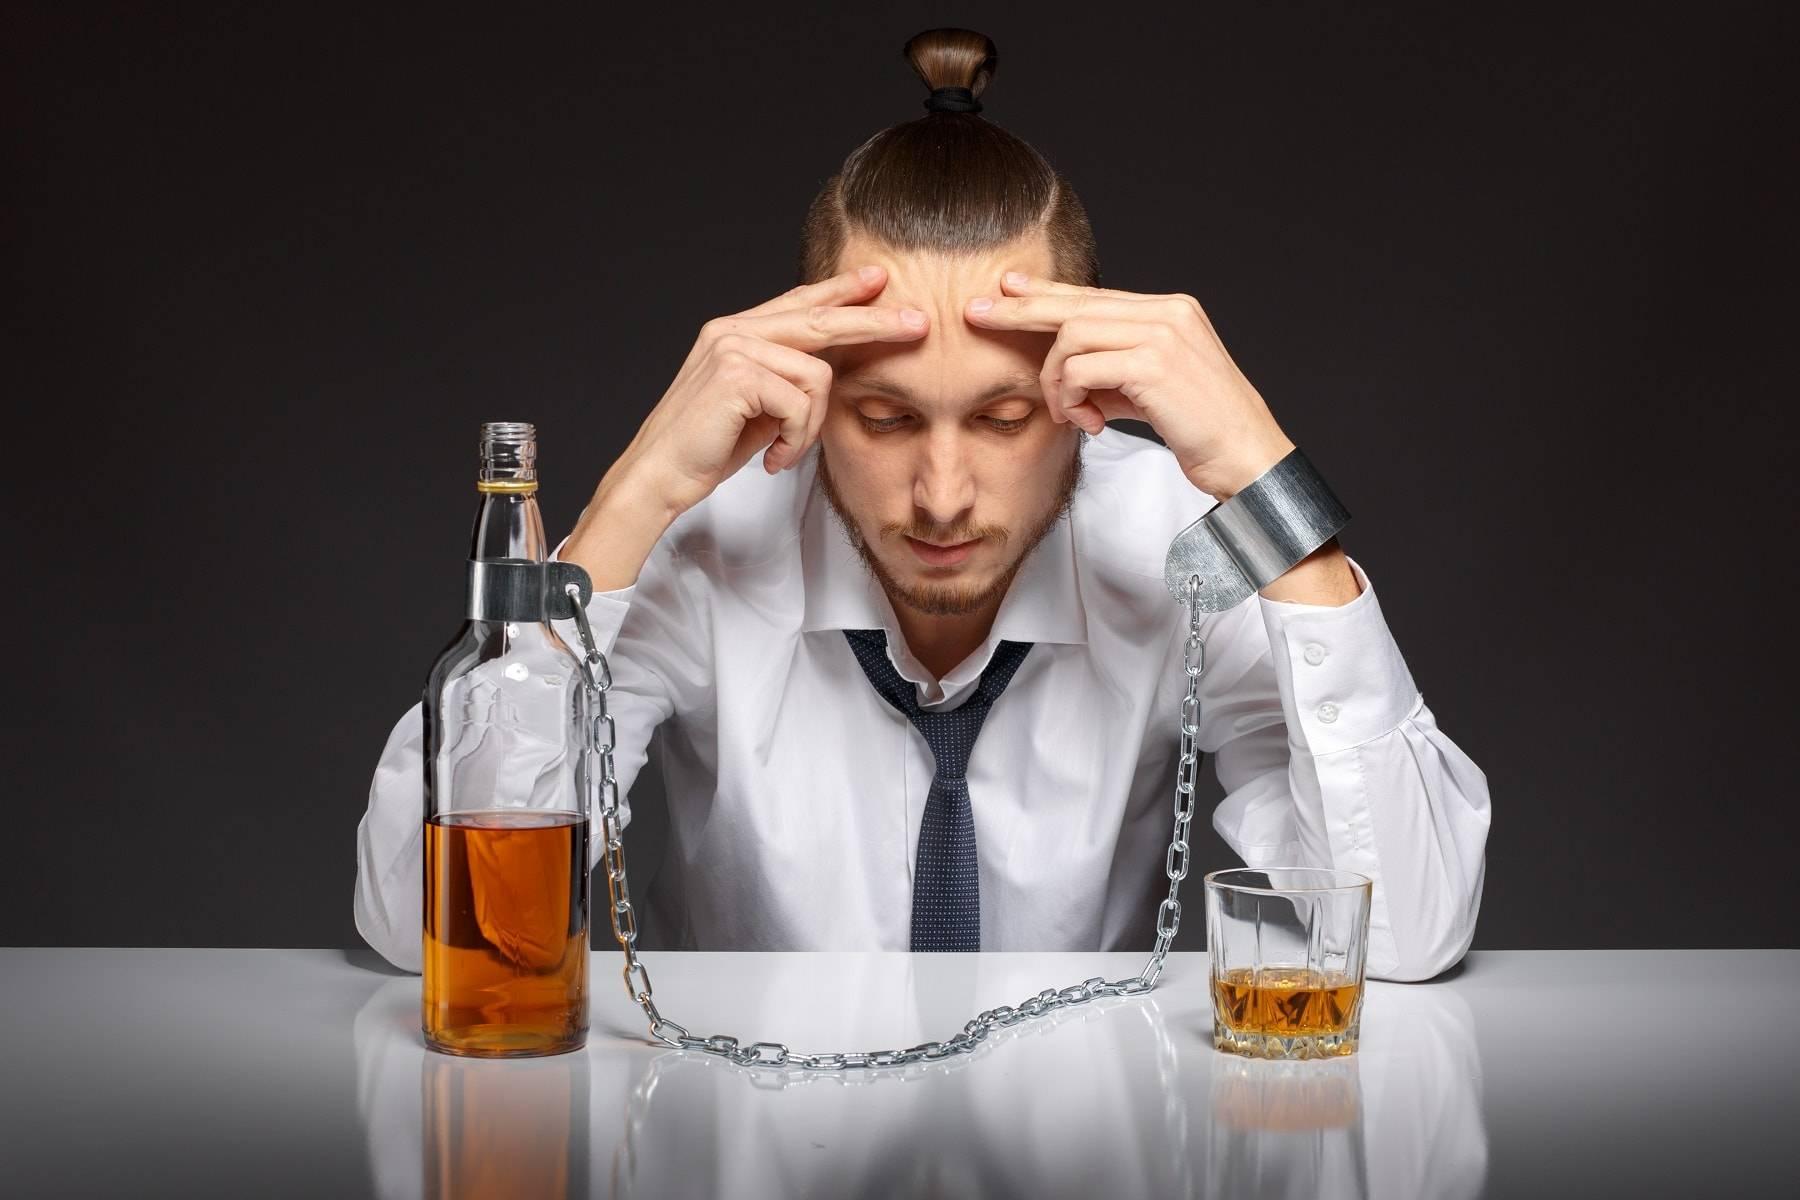 Зачем люди пьют алкоголь: психологические причины